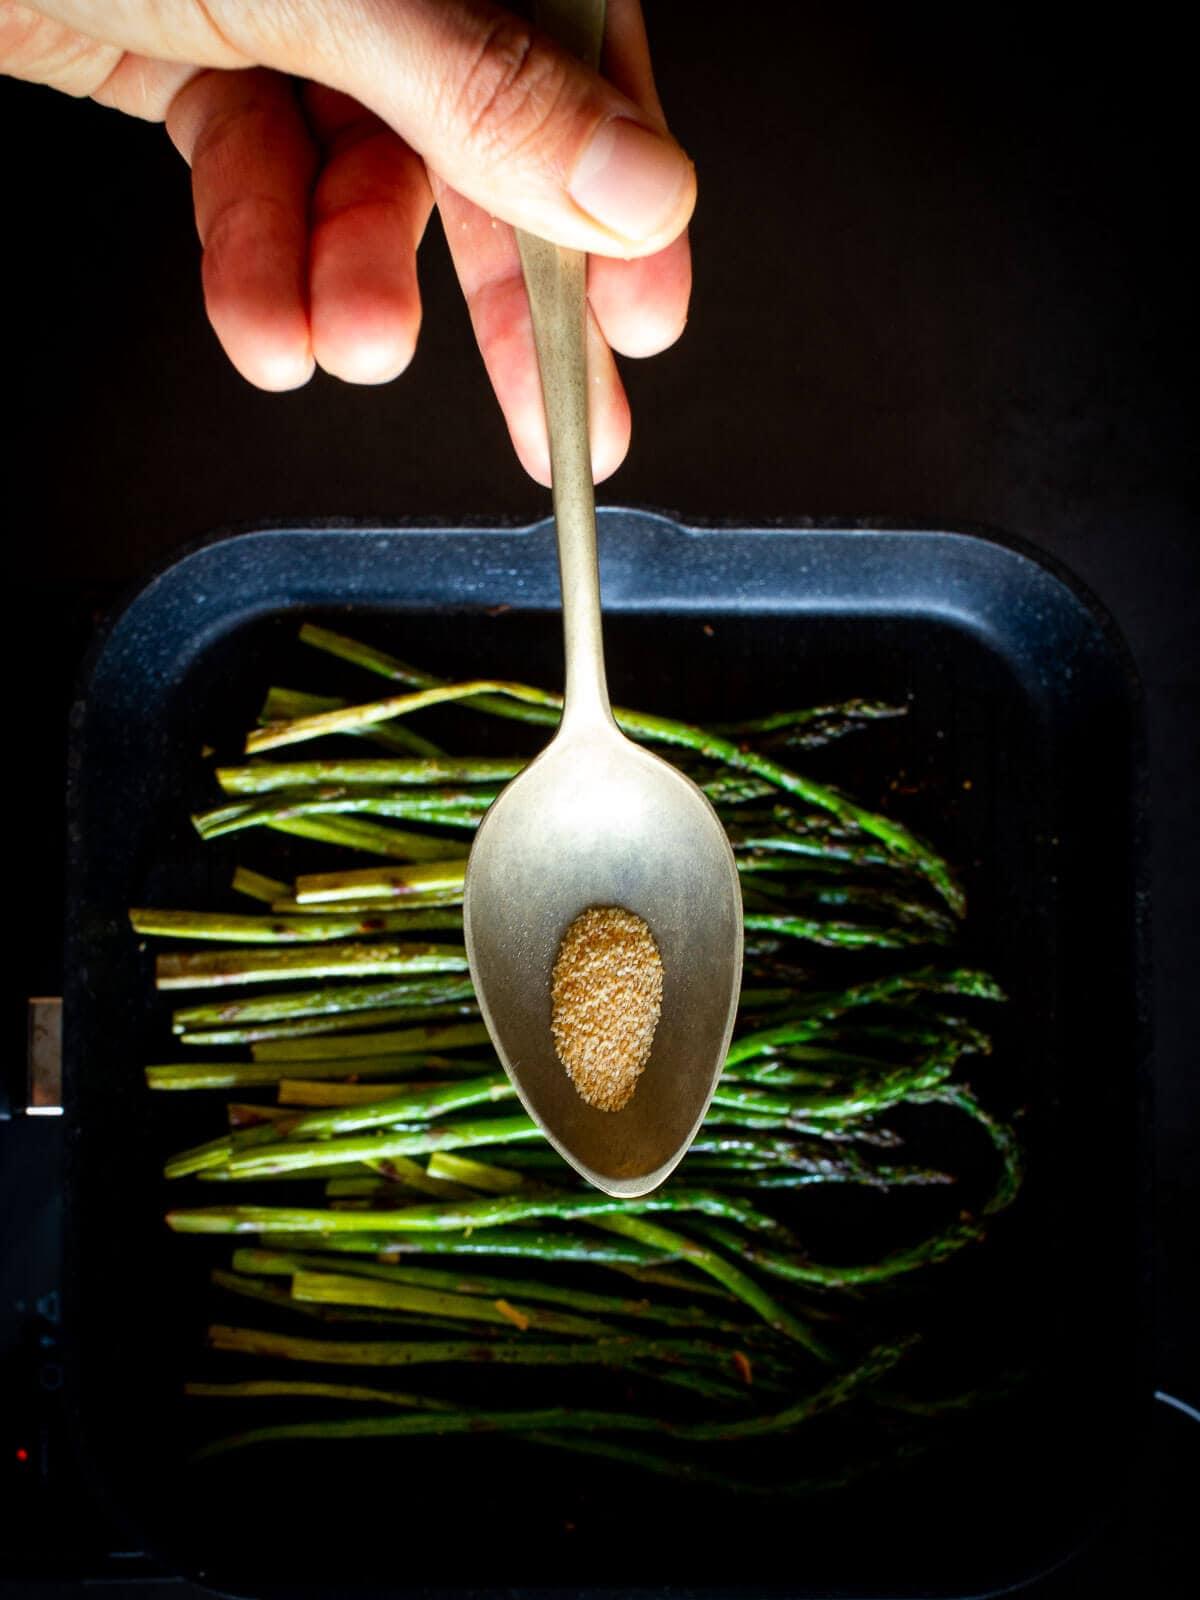 Grilled Asparagus Garlic Powder